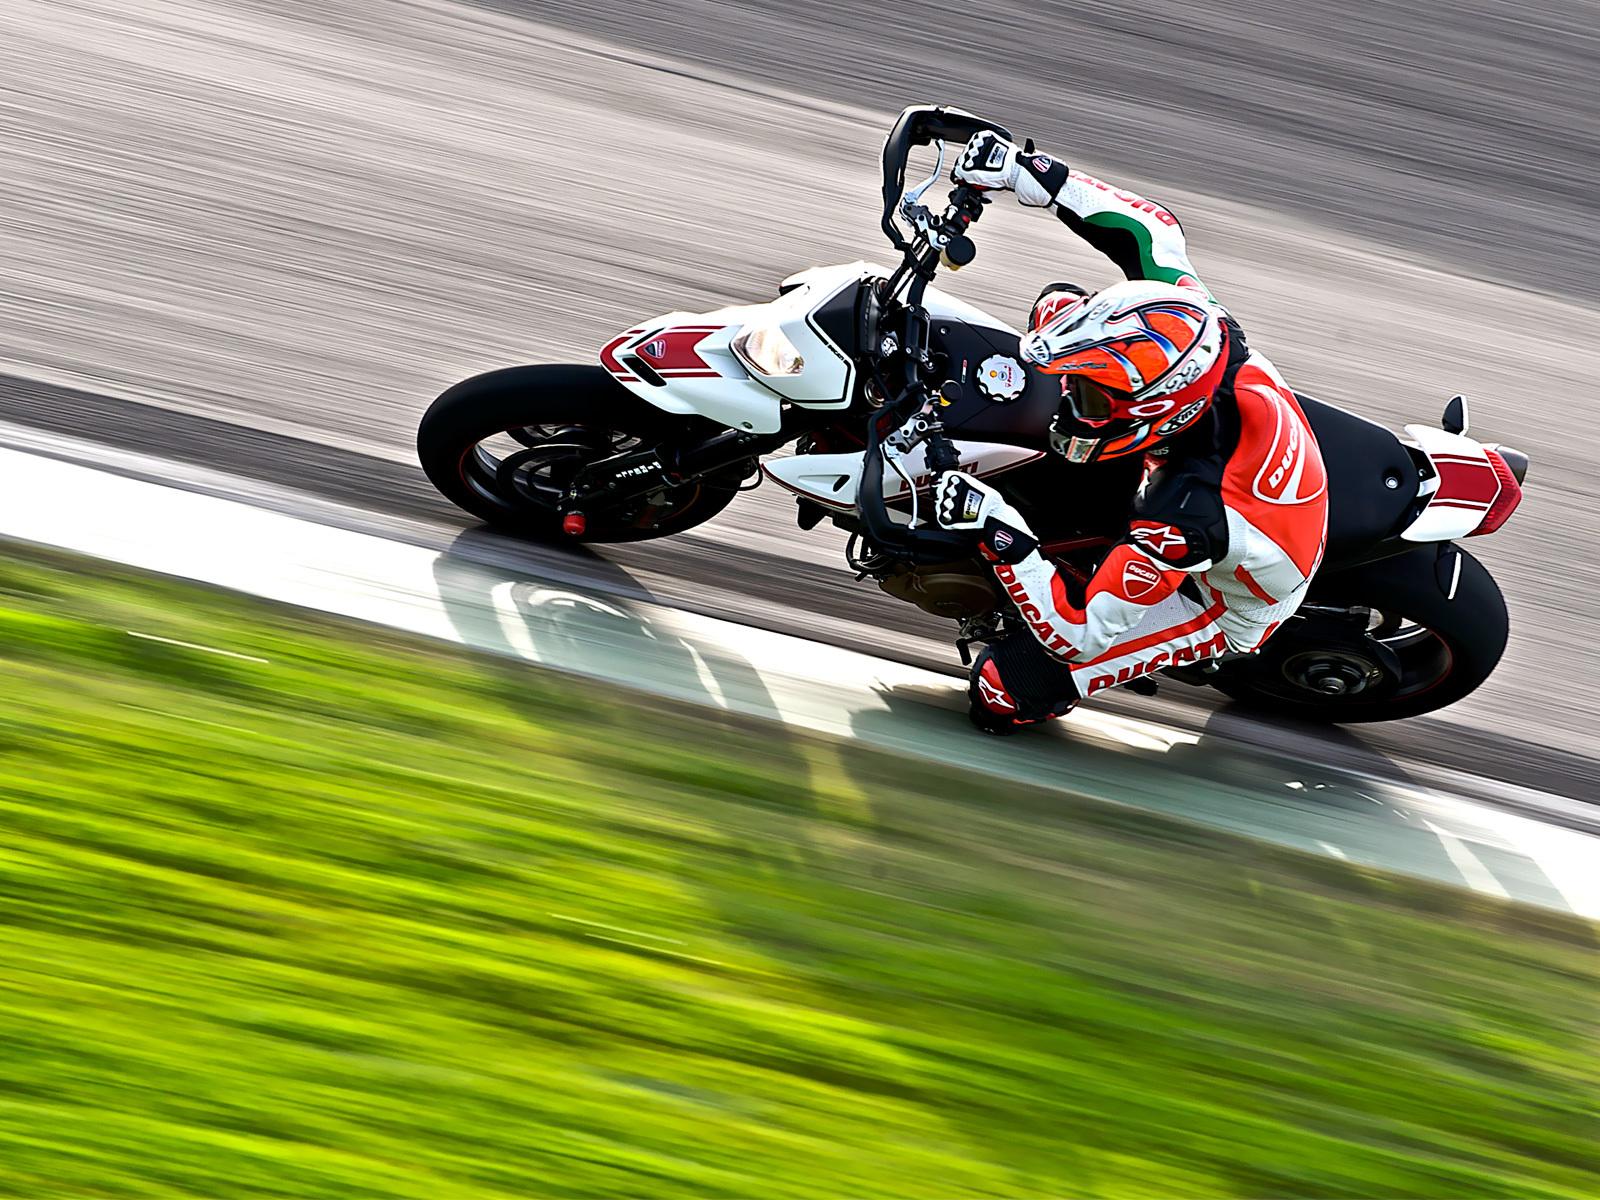 картинки с мотоциклами скоростными экспедиционный багажник